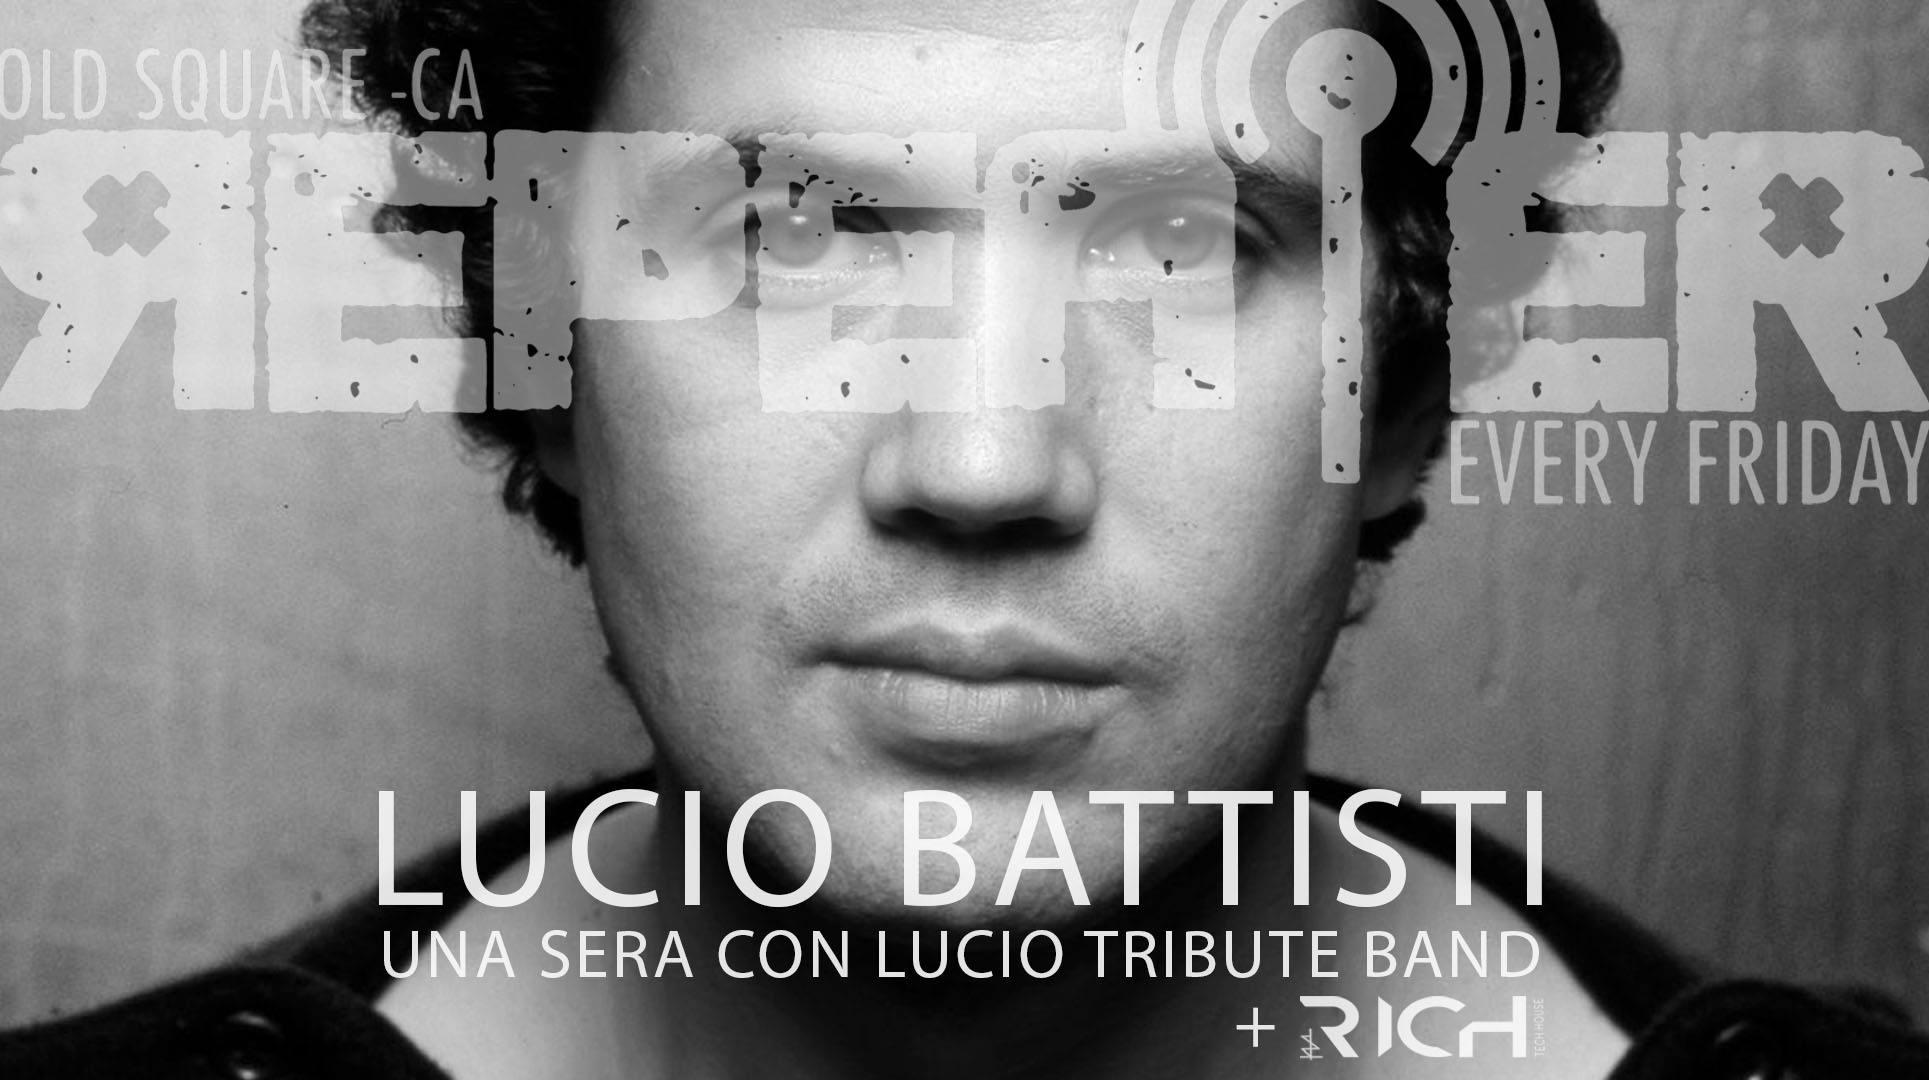 Repeater - Lucio Battisti - Una sera con Lucio - Lucio Battisti Tribute Band - Old Square - Cagliari - 7 febbraio 2020 - eventi - 2020 - Sa Scena Sarda